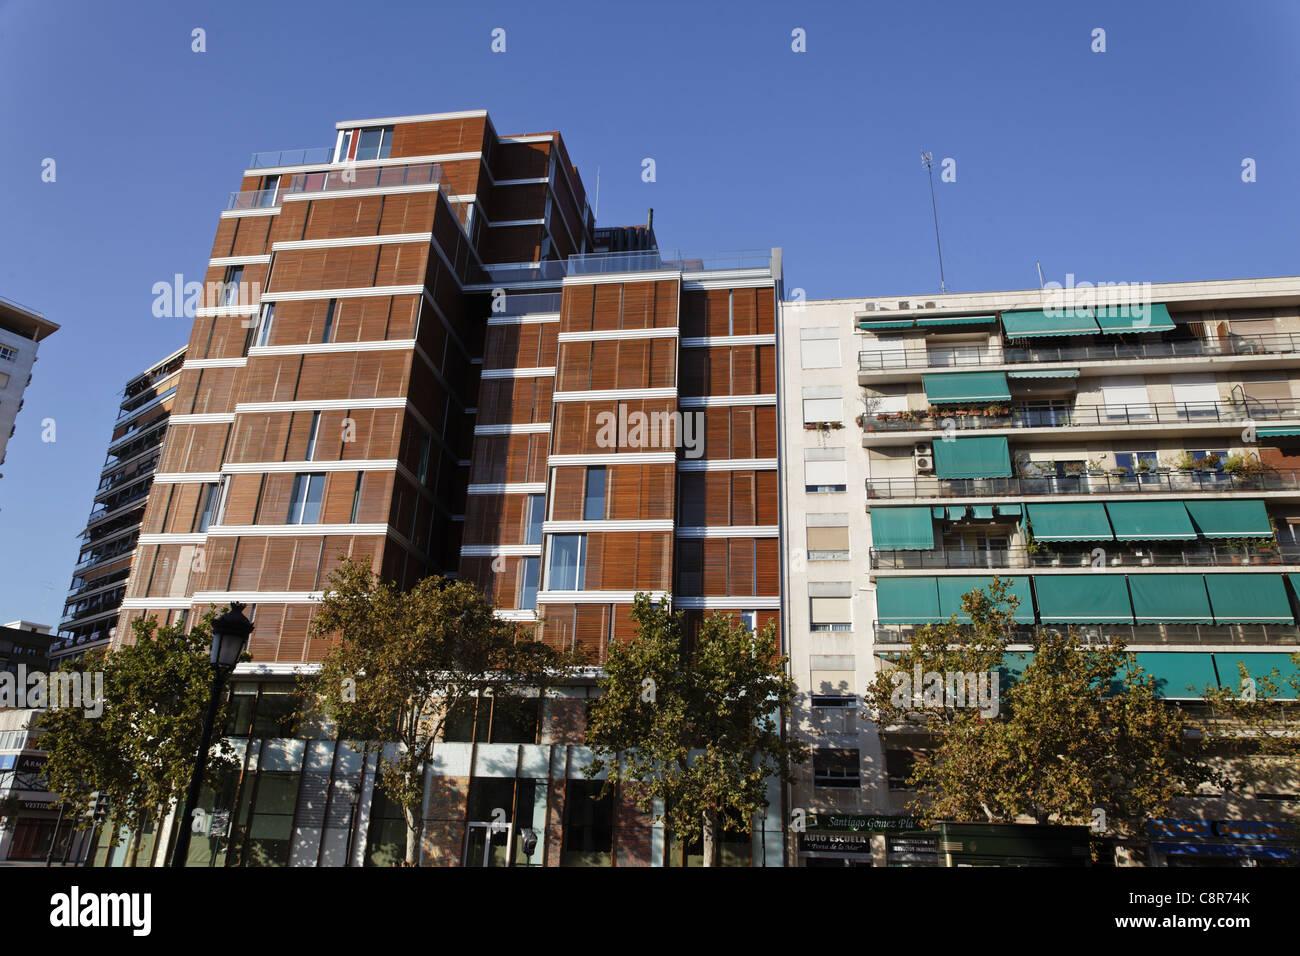 Plaza Porta del Mar, architettura moderna, Real Estate, Valencia, Spagna Immagini Stock